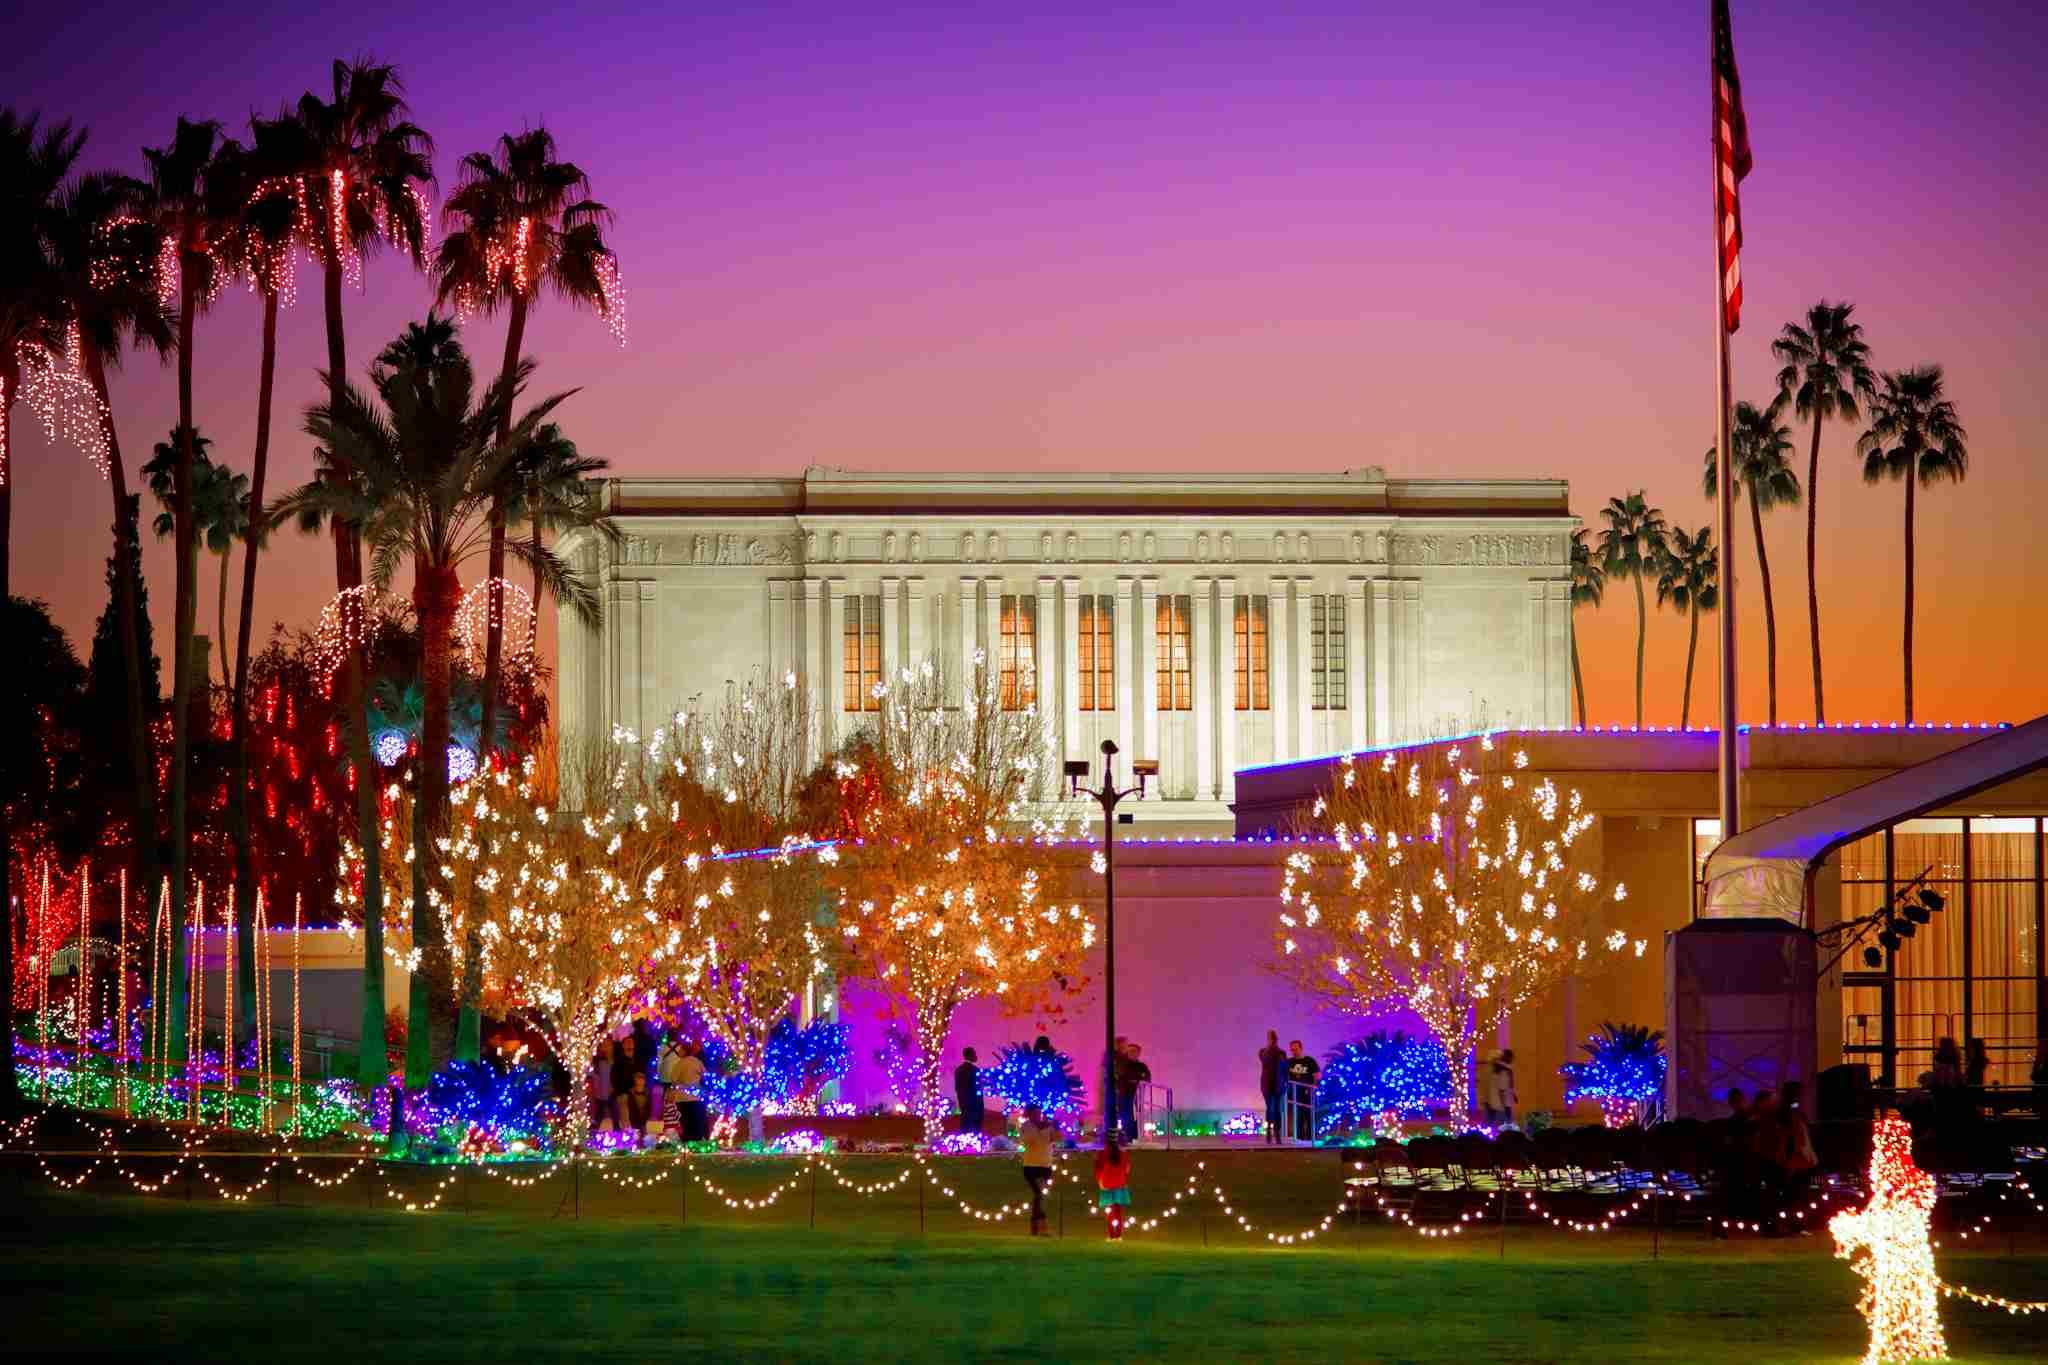 Restaurants Open Christmas 2020 Philadelphia Mesa Arizona Restaurants Open On Christmas Day 2020 | Gztxku